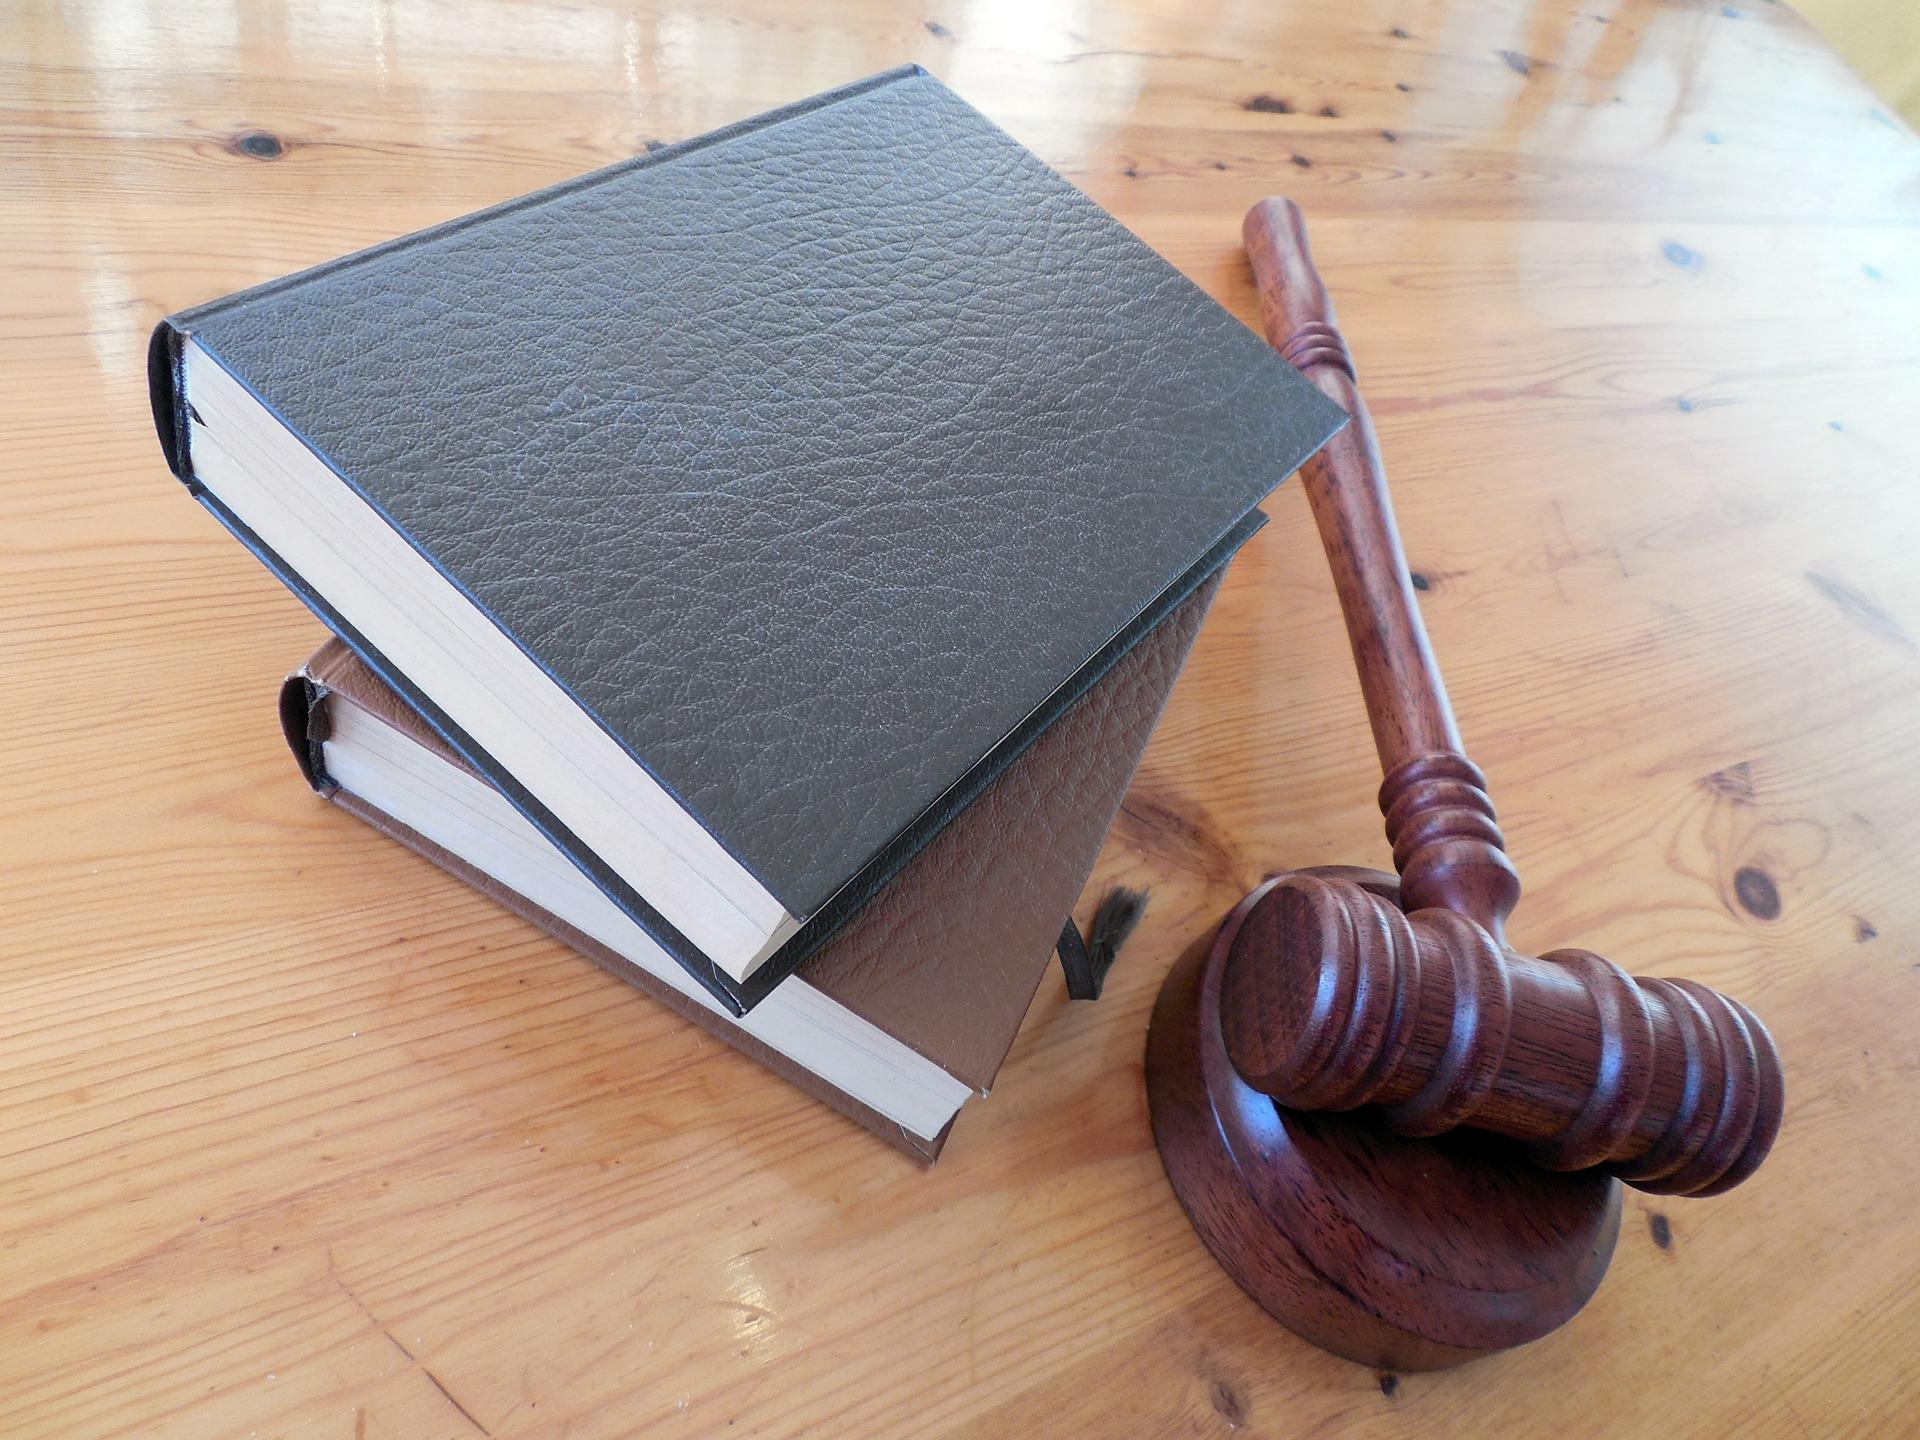 弁護士による掲示板の発信者特定と、誹謗中傷対策